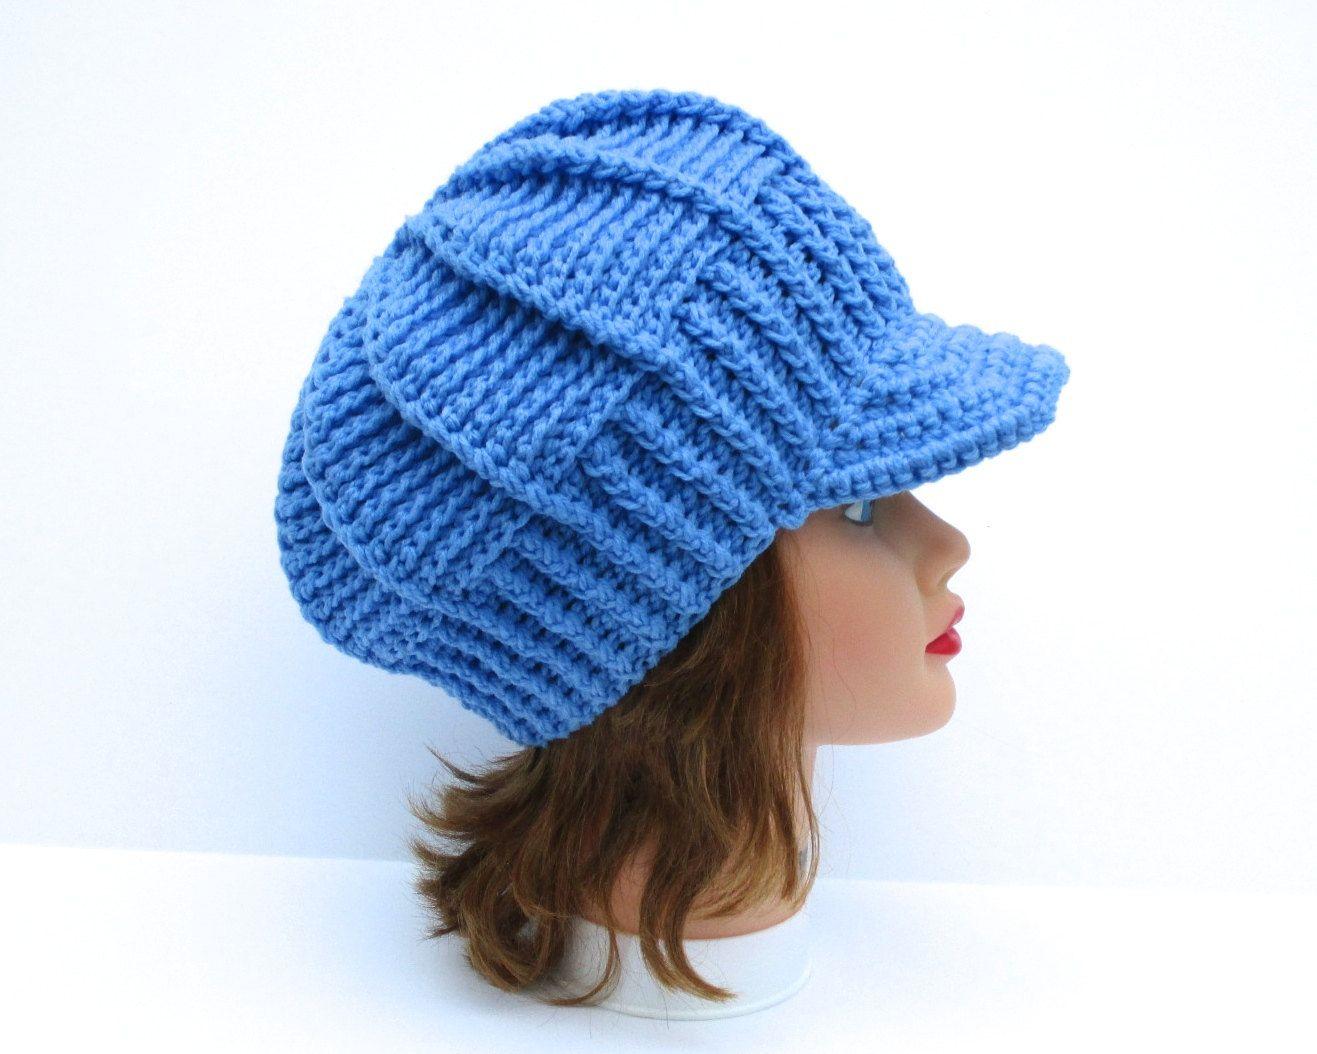 Newsboy Hats For Women Crochet Hat Women S Hat With Etsy Crochet Newsboy Hat Visor Beanie Crochet Hats